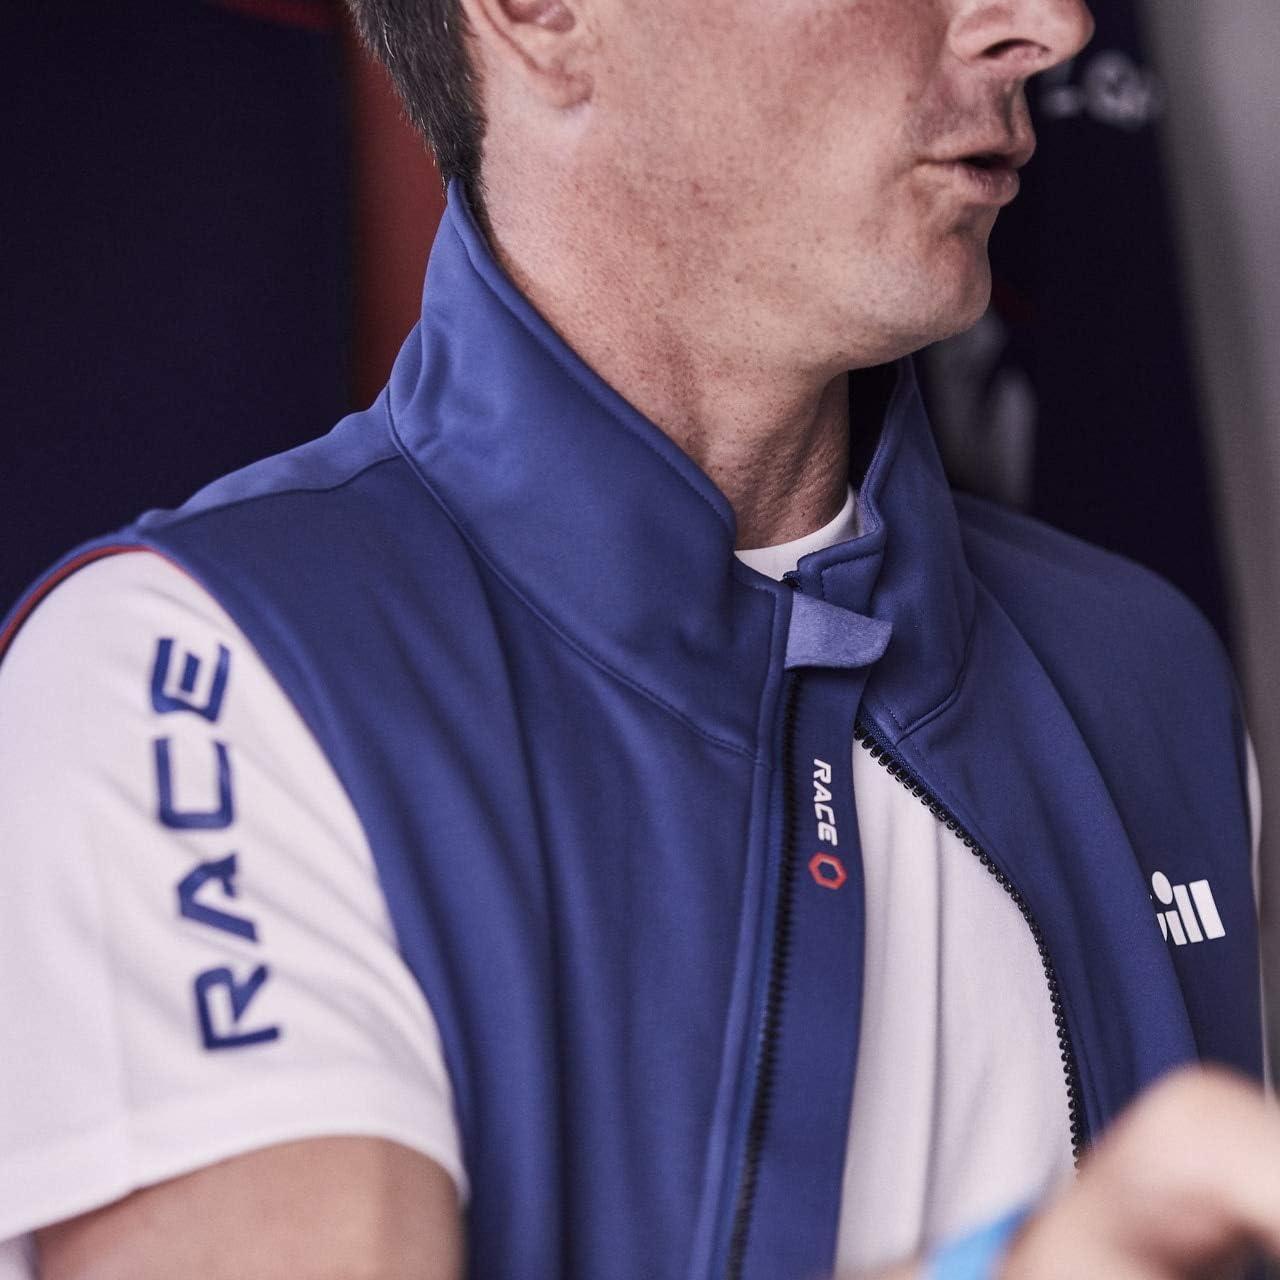 50+ UV Gill Herren Protection Leichte UV Protection und SPF Properties Shirt Spitze Rennen-T Dunkelblau